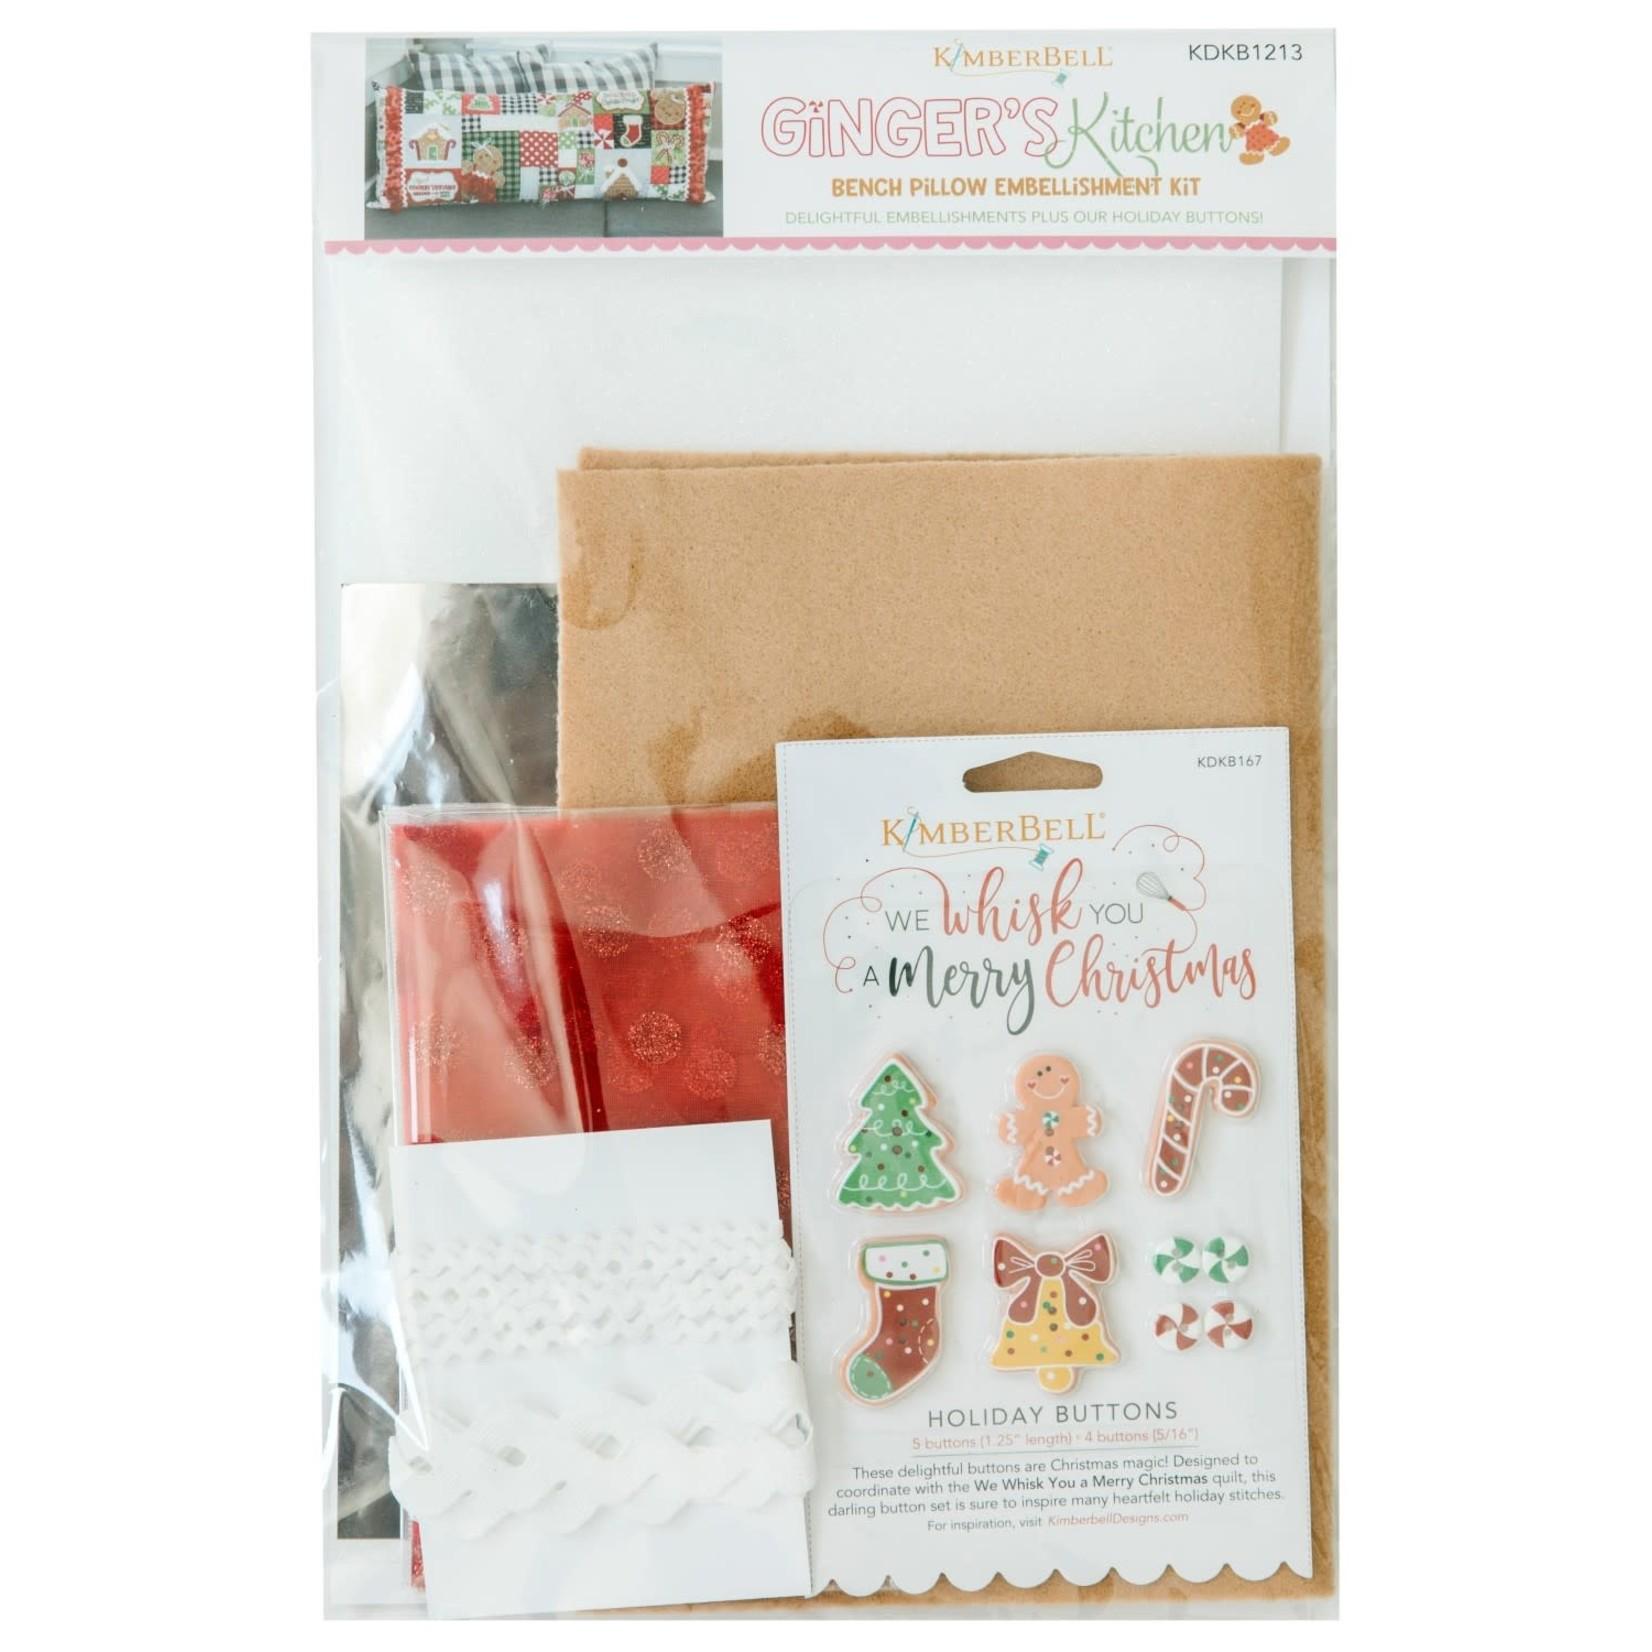 KIMBERBELL DESIGNS Ginger's Kitchen Embellishment Kit